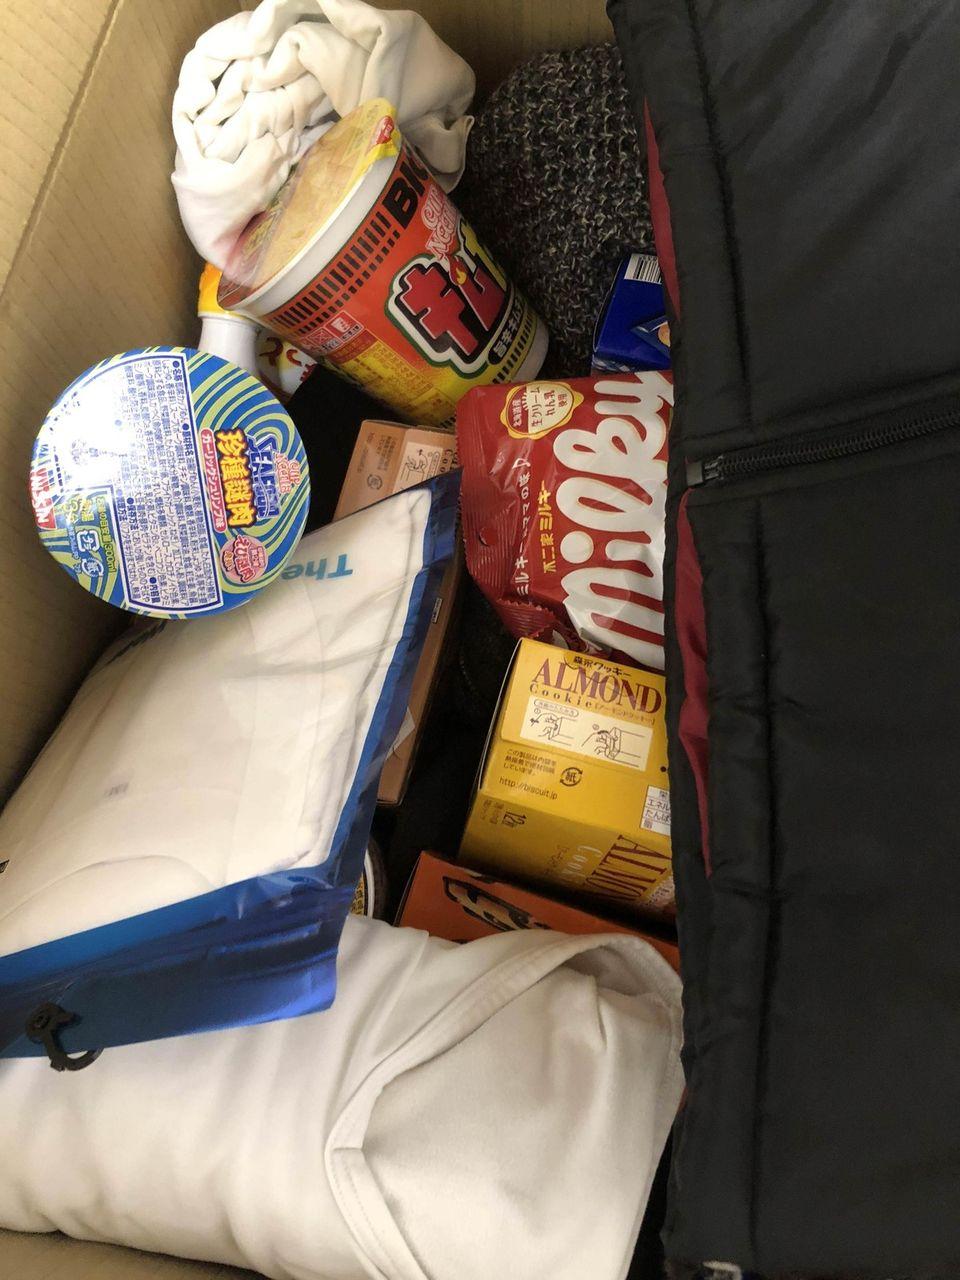 親から救援物資が届いた!!!(※画像あり)